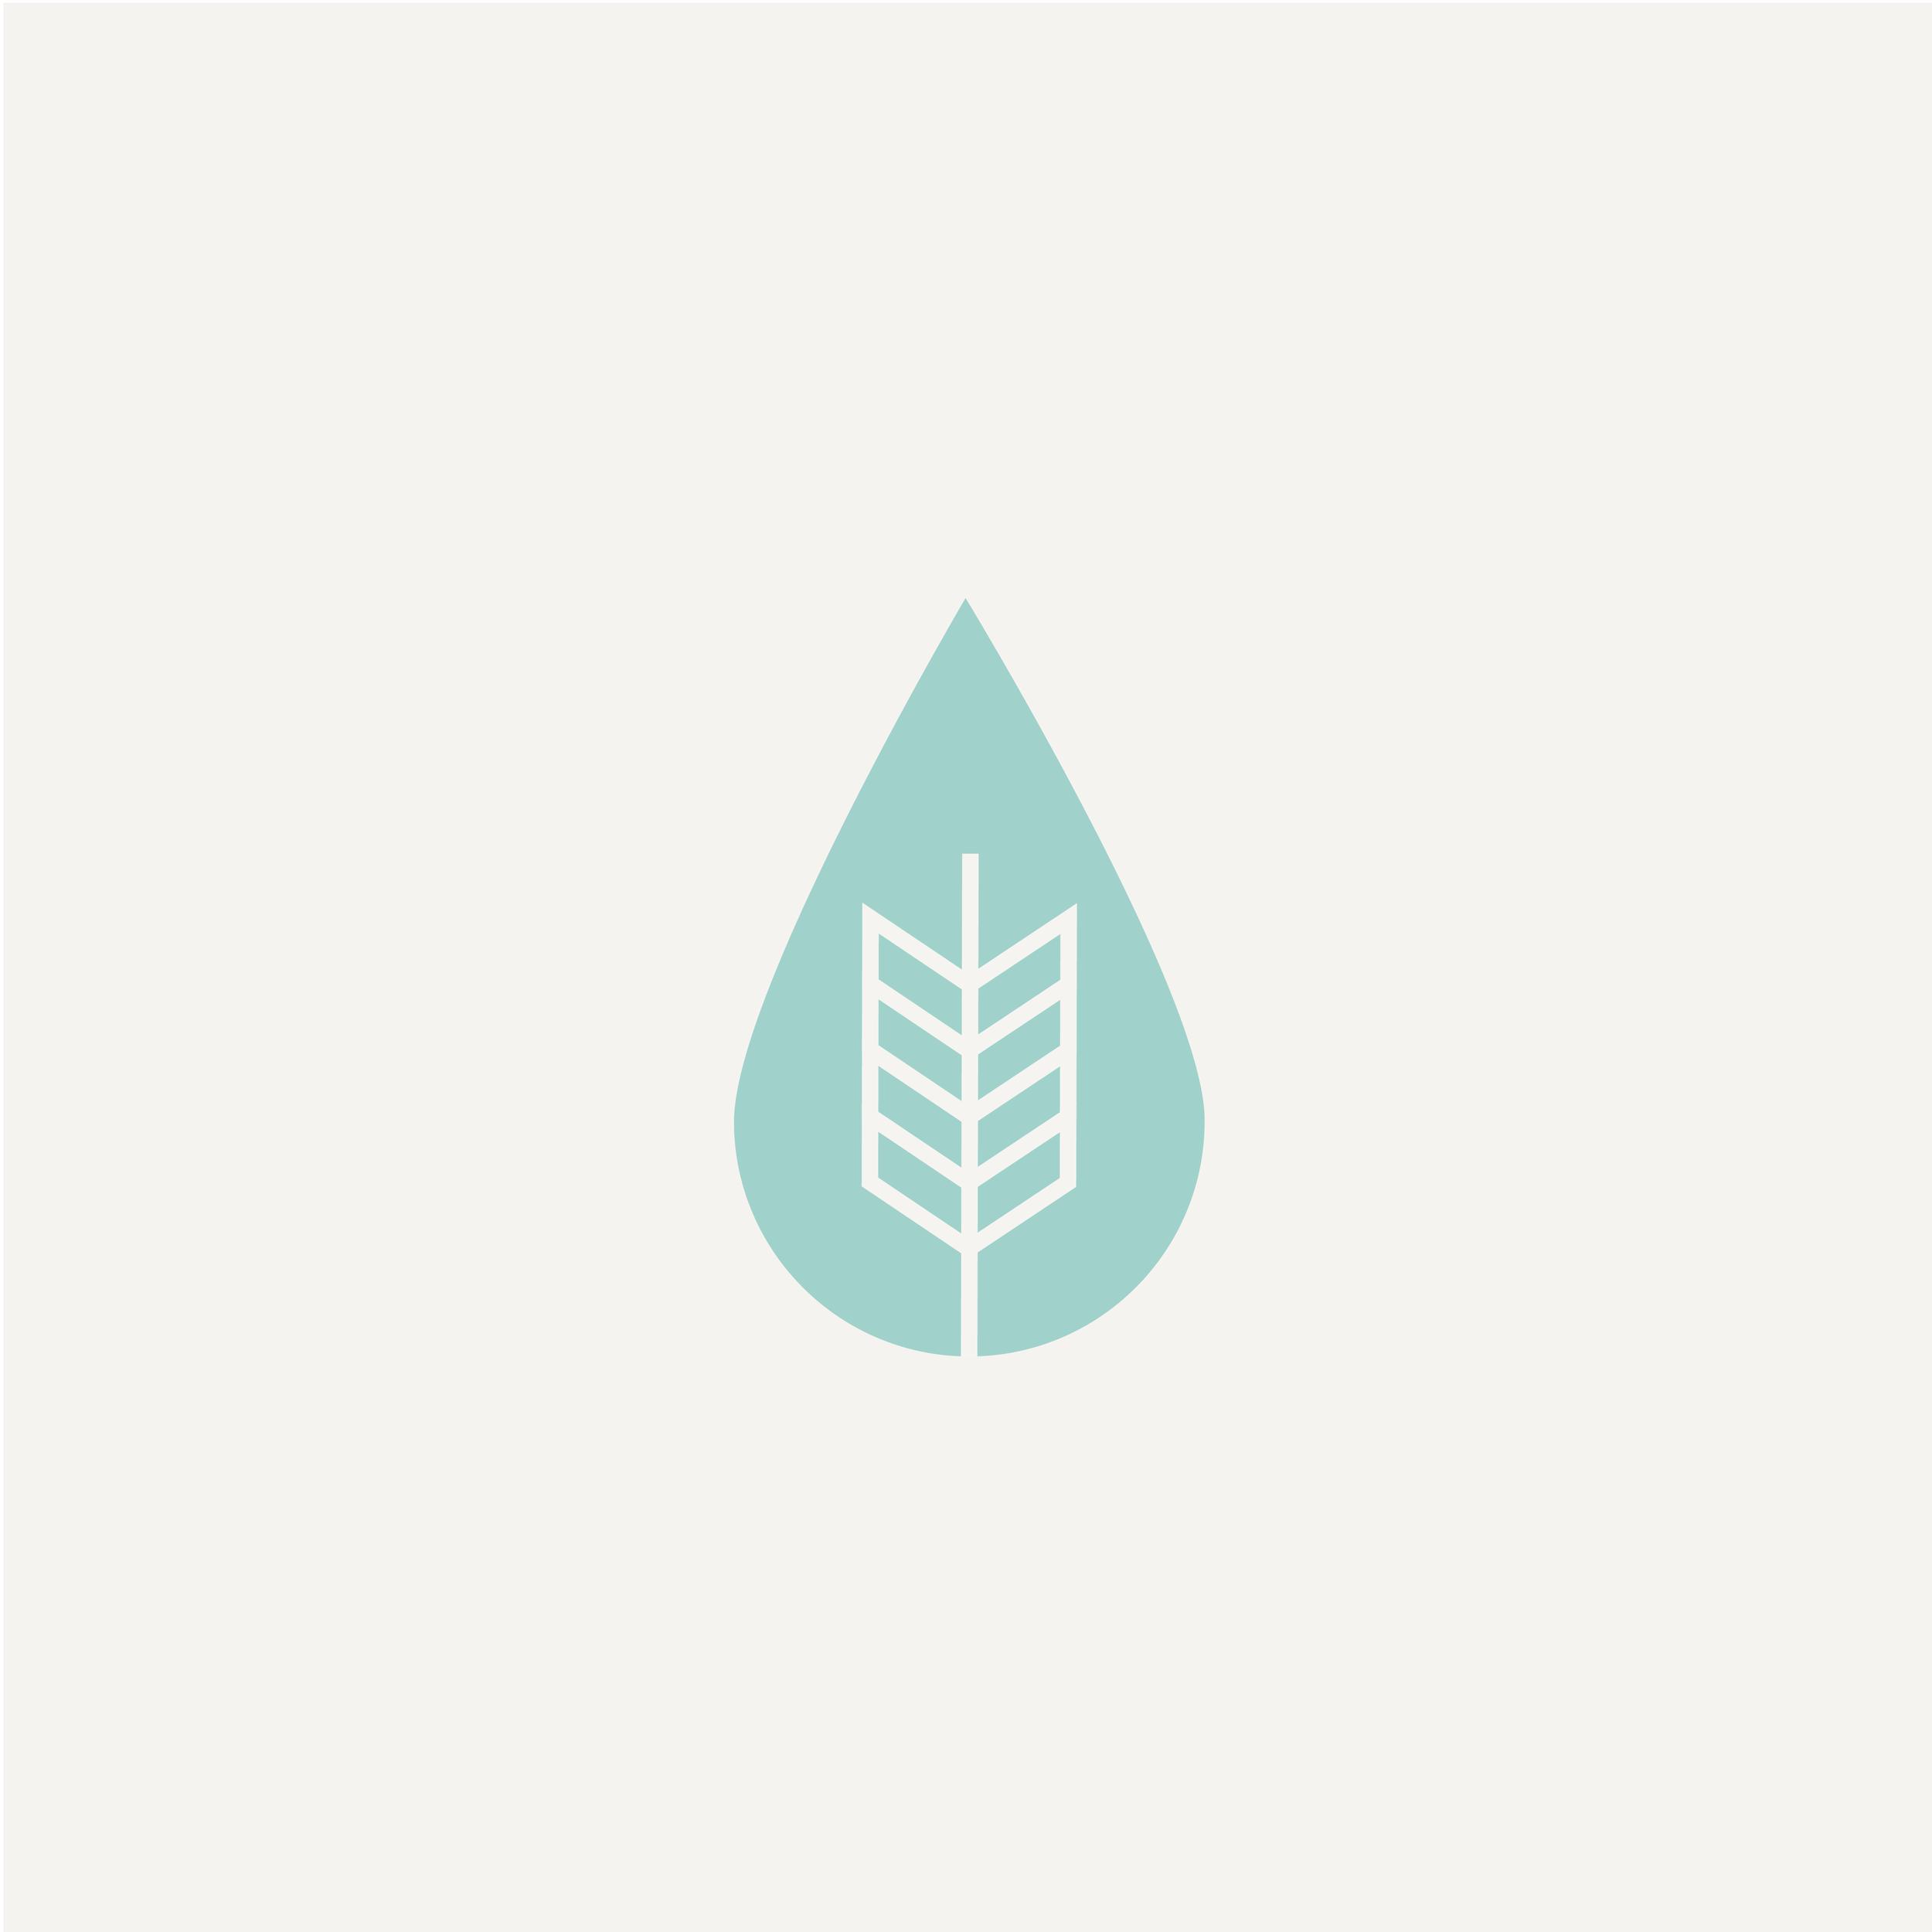 Ampersand-Brand-Details-05.png